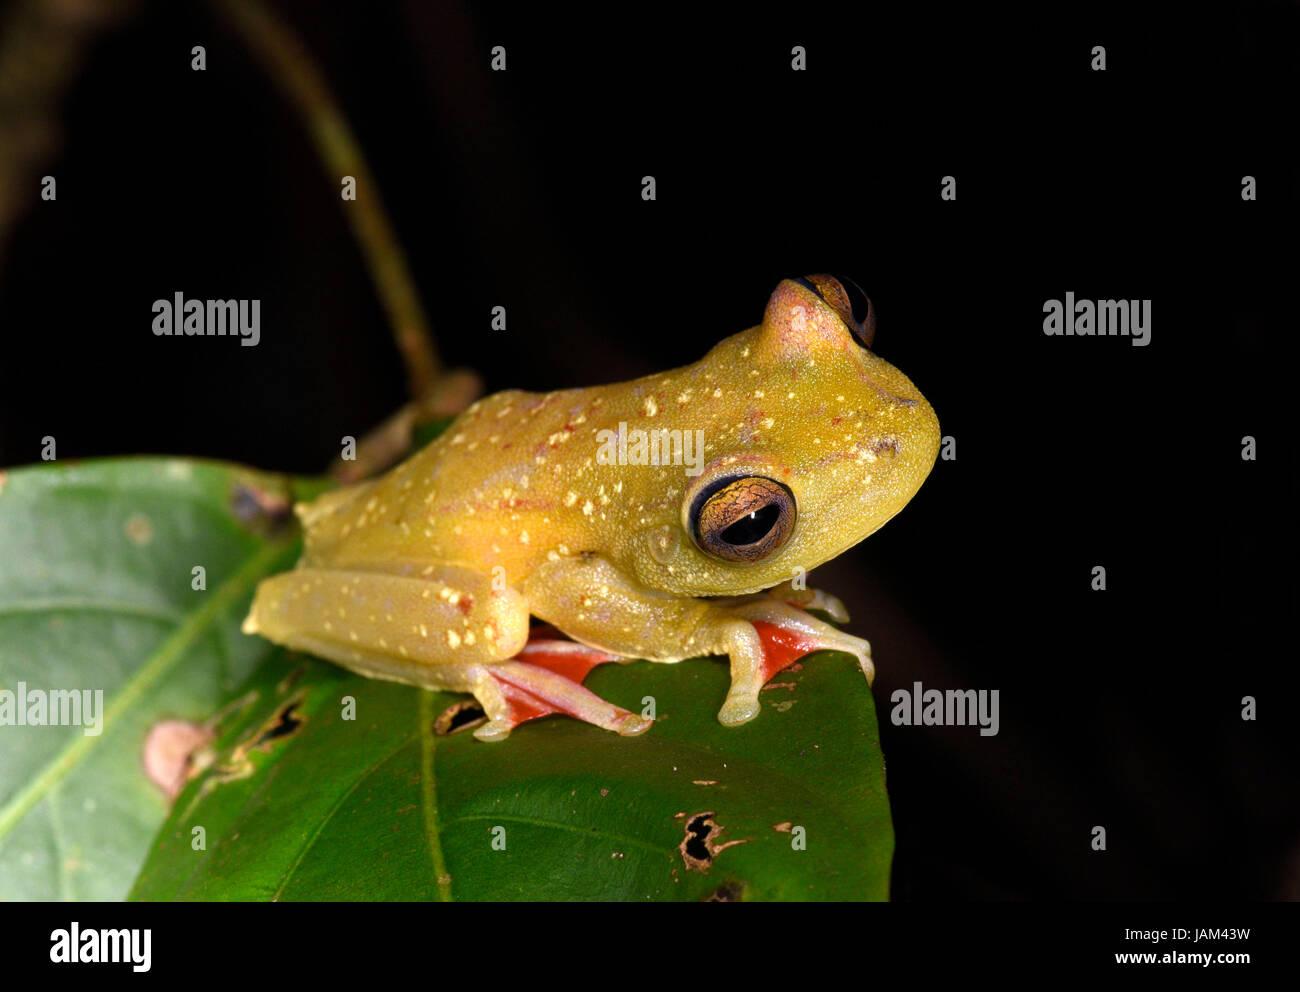 Rot-Schwimmhäuten Laubfrosch (Hypsiboas Rufitelus) setzte sich auf Blatt in der Nacht, Costa Rica, März Stockbild